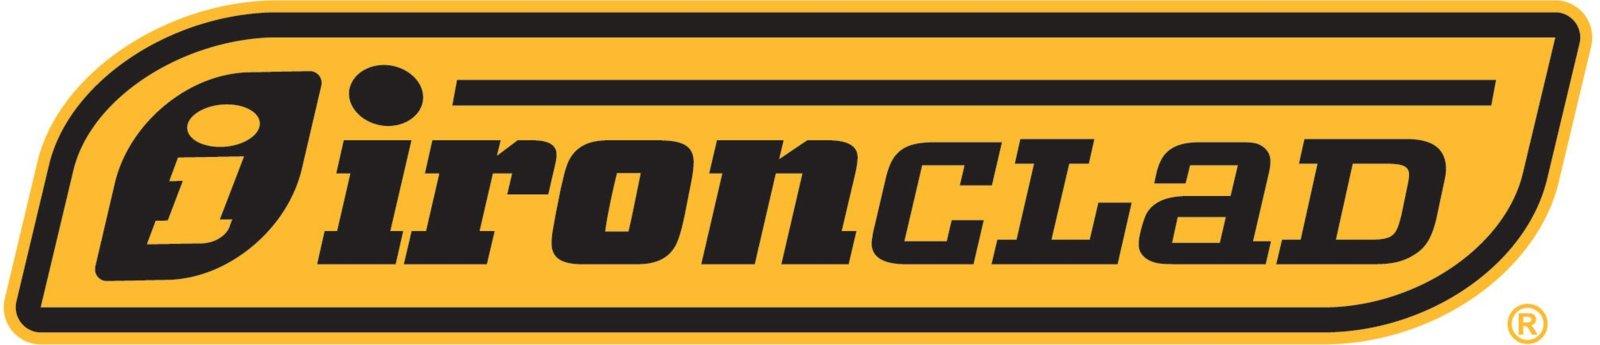 ironclad_logo_y.jpg